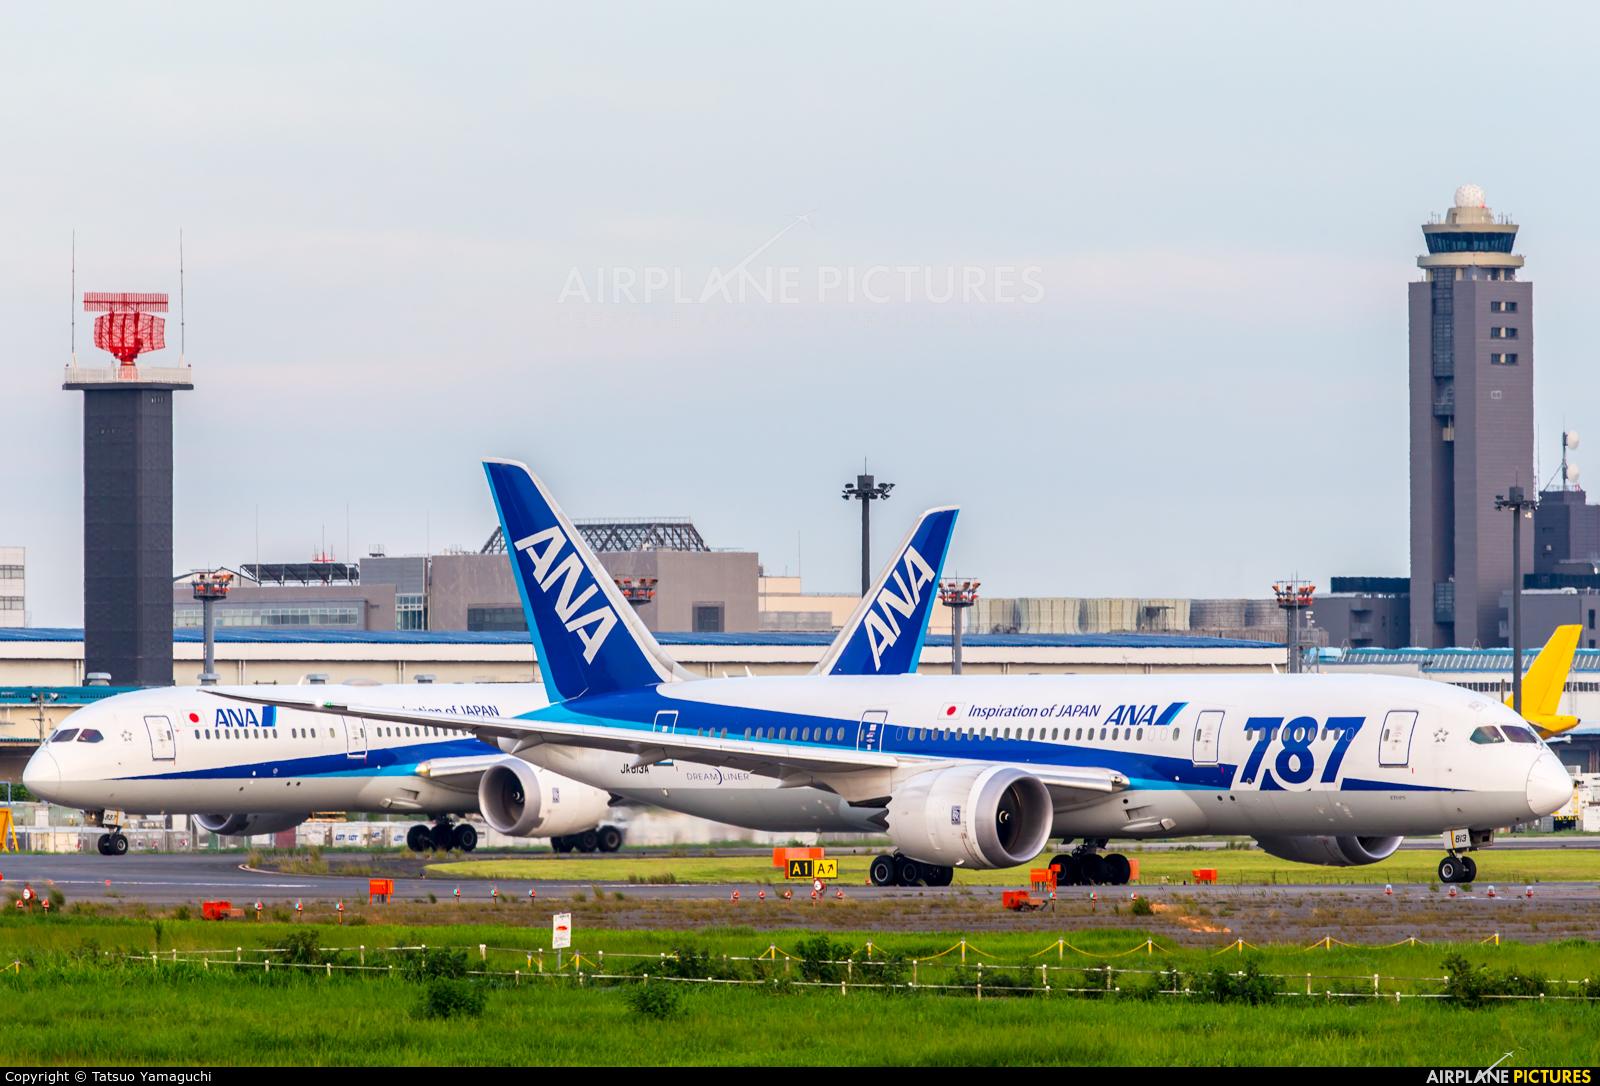 ANA - All Nippon Airways JA813A aircraft at Tokyo - Narita Intl